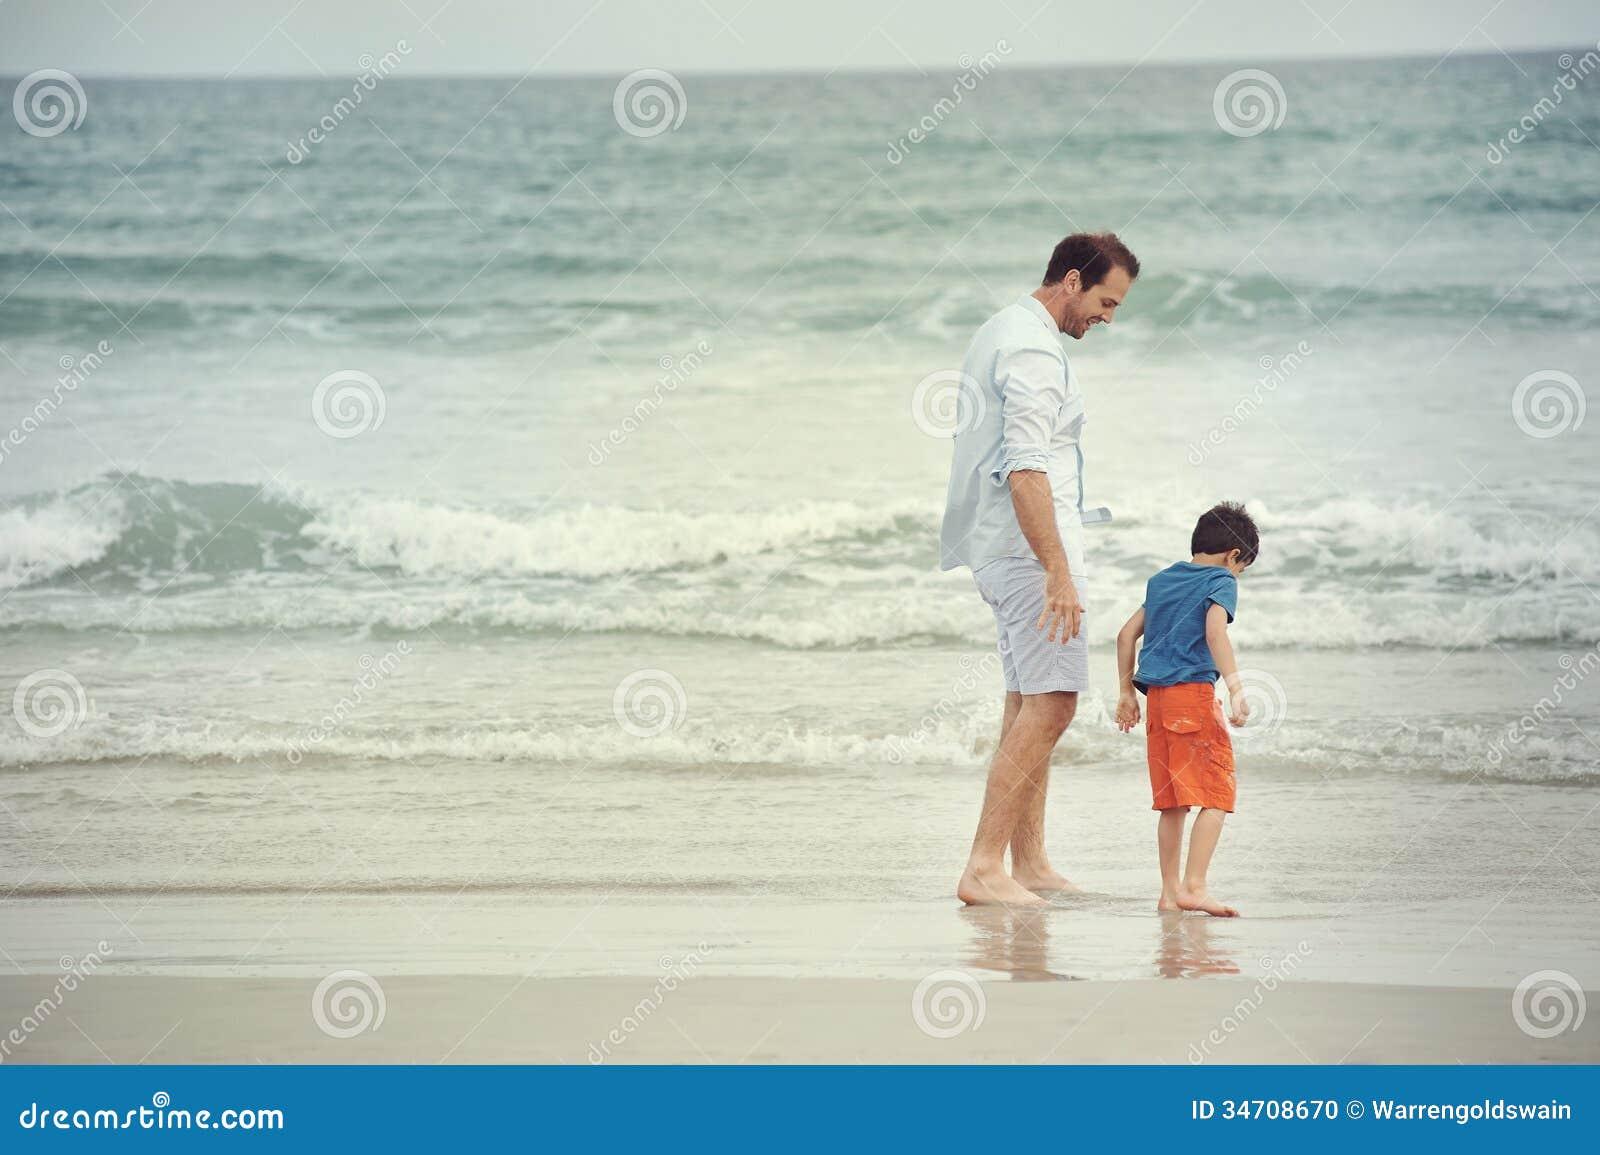 海边儿童图画